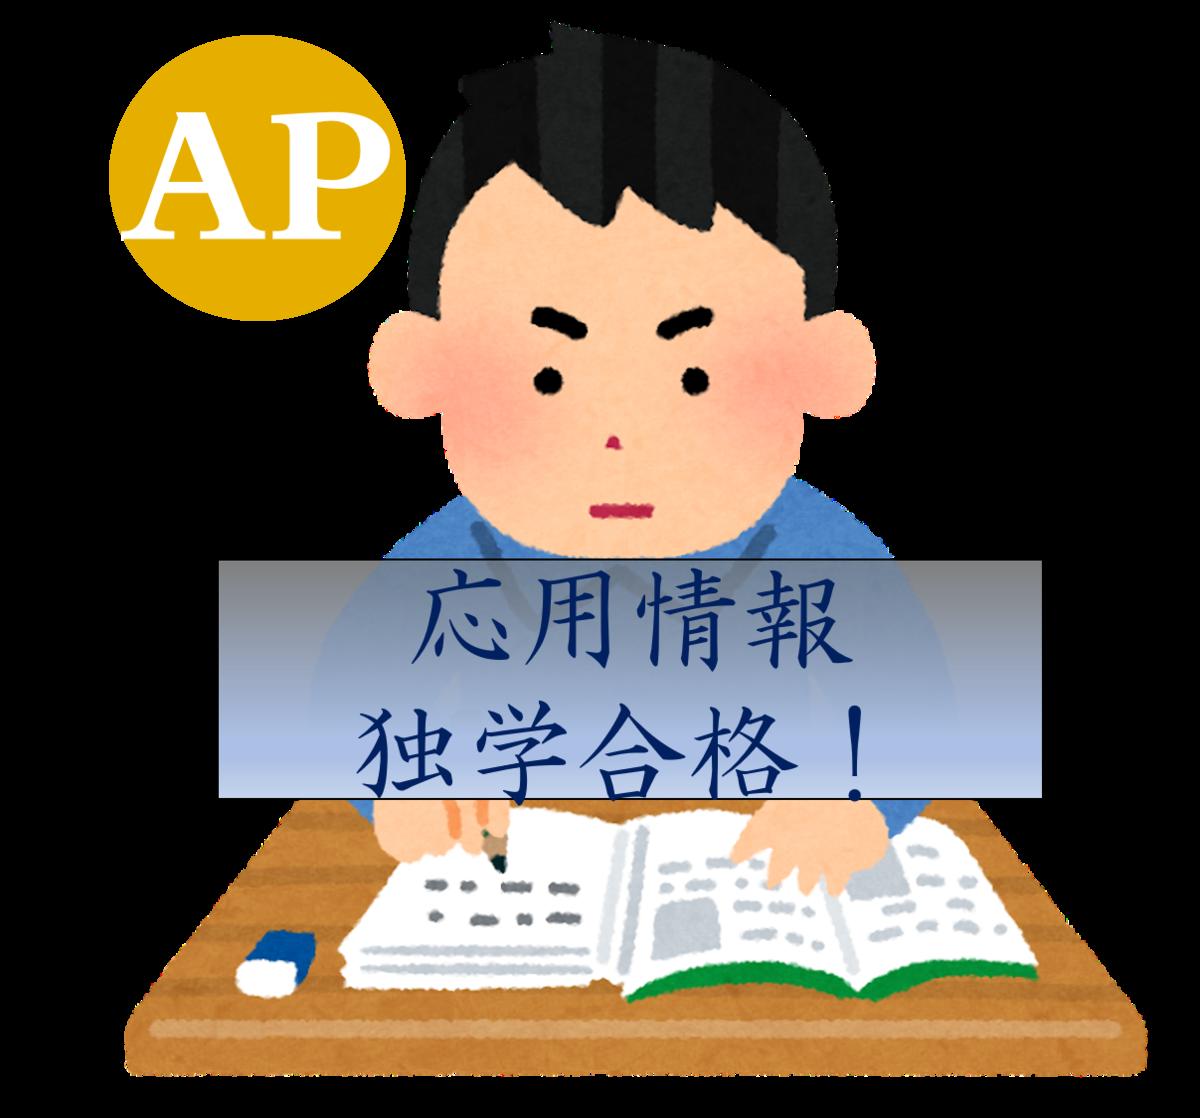 f:id:AkiyoshiBlog:20200301171318p:plain